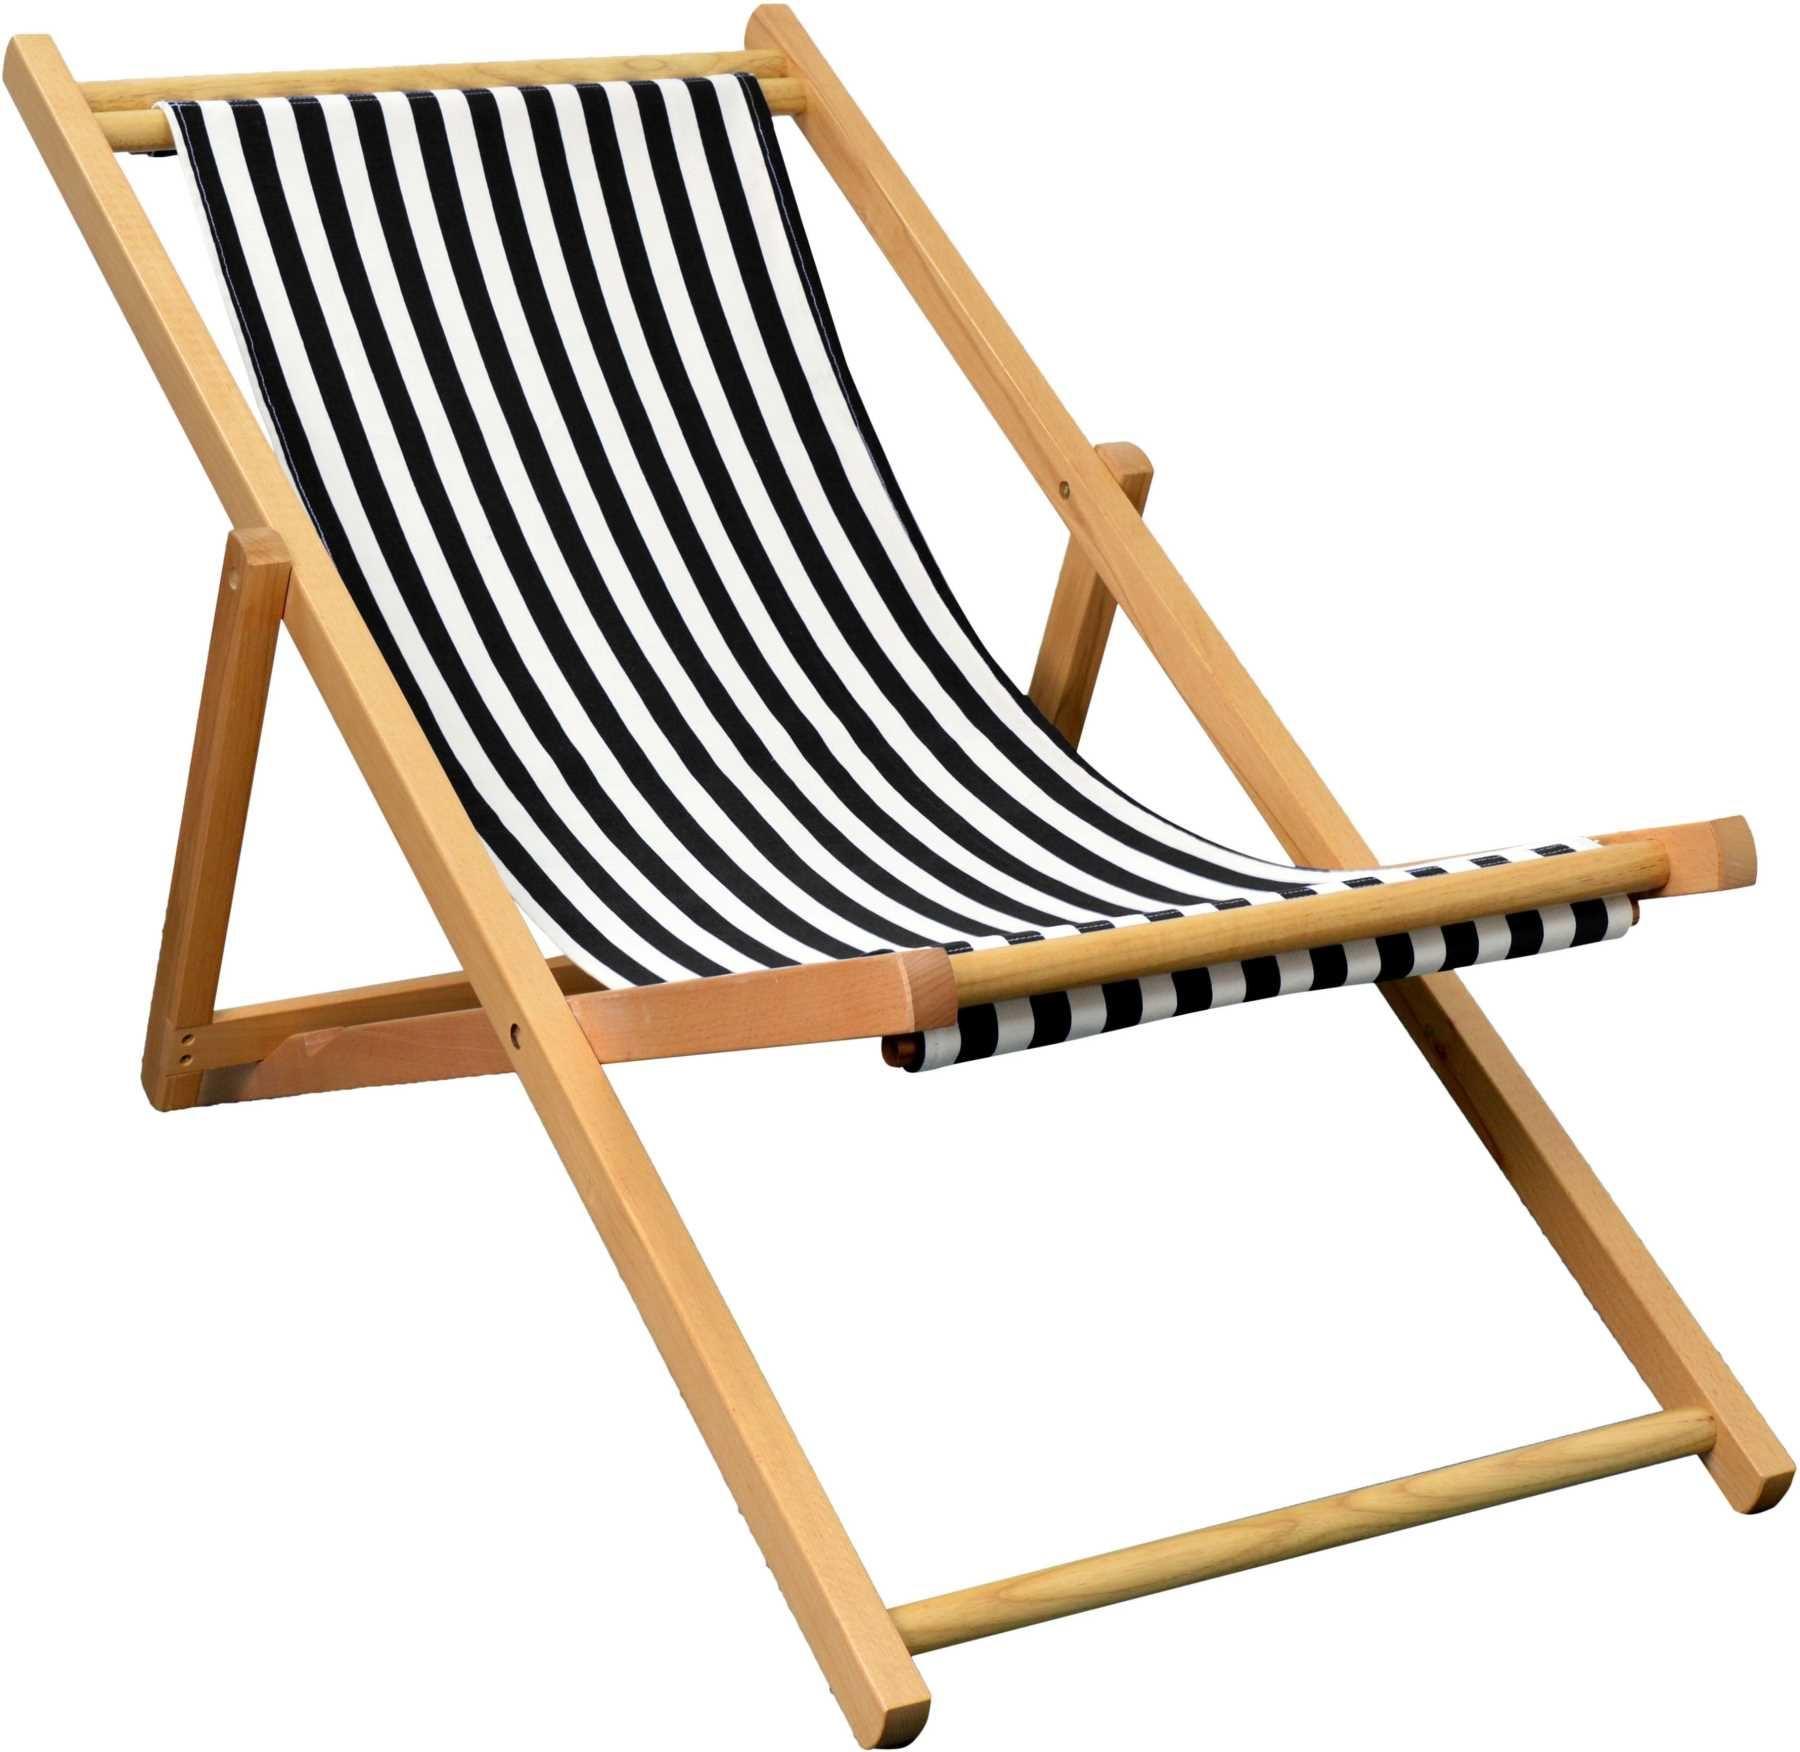 Folding Wooden Deckchair Garden Beach Seaside Deck Chair Black White Stripe